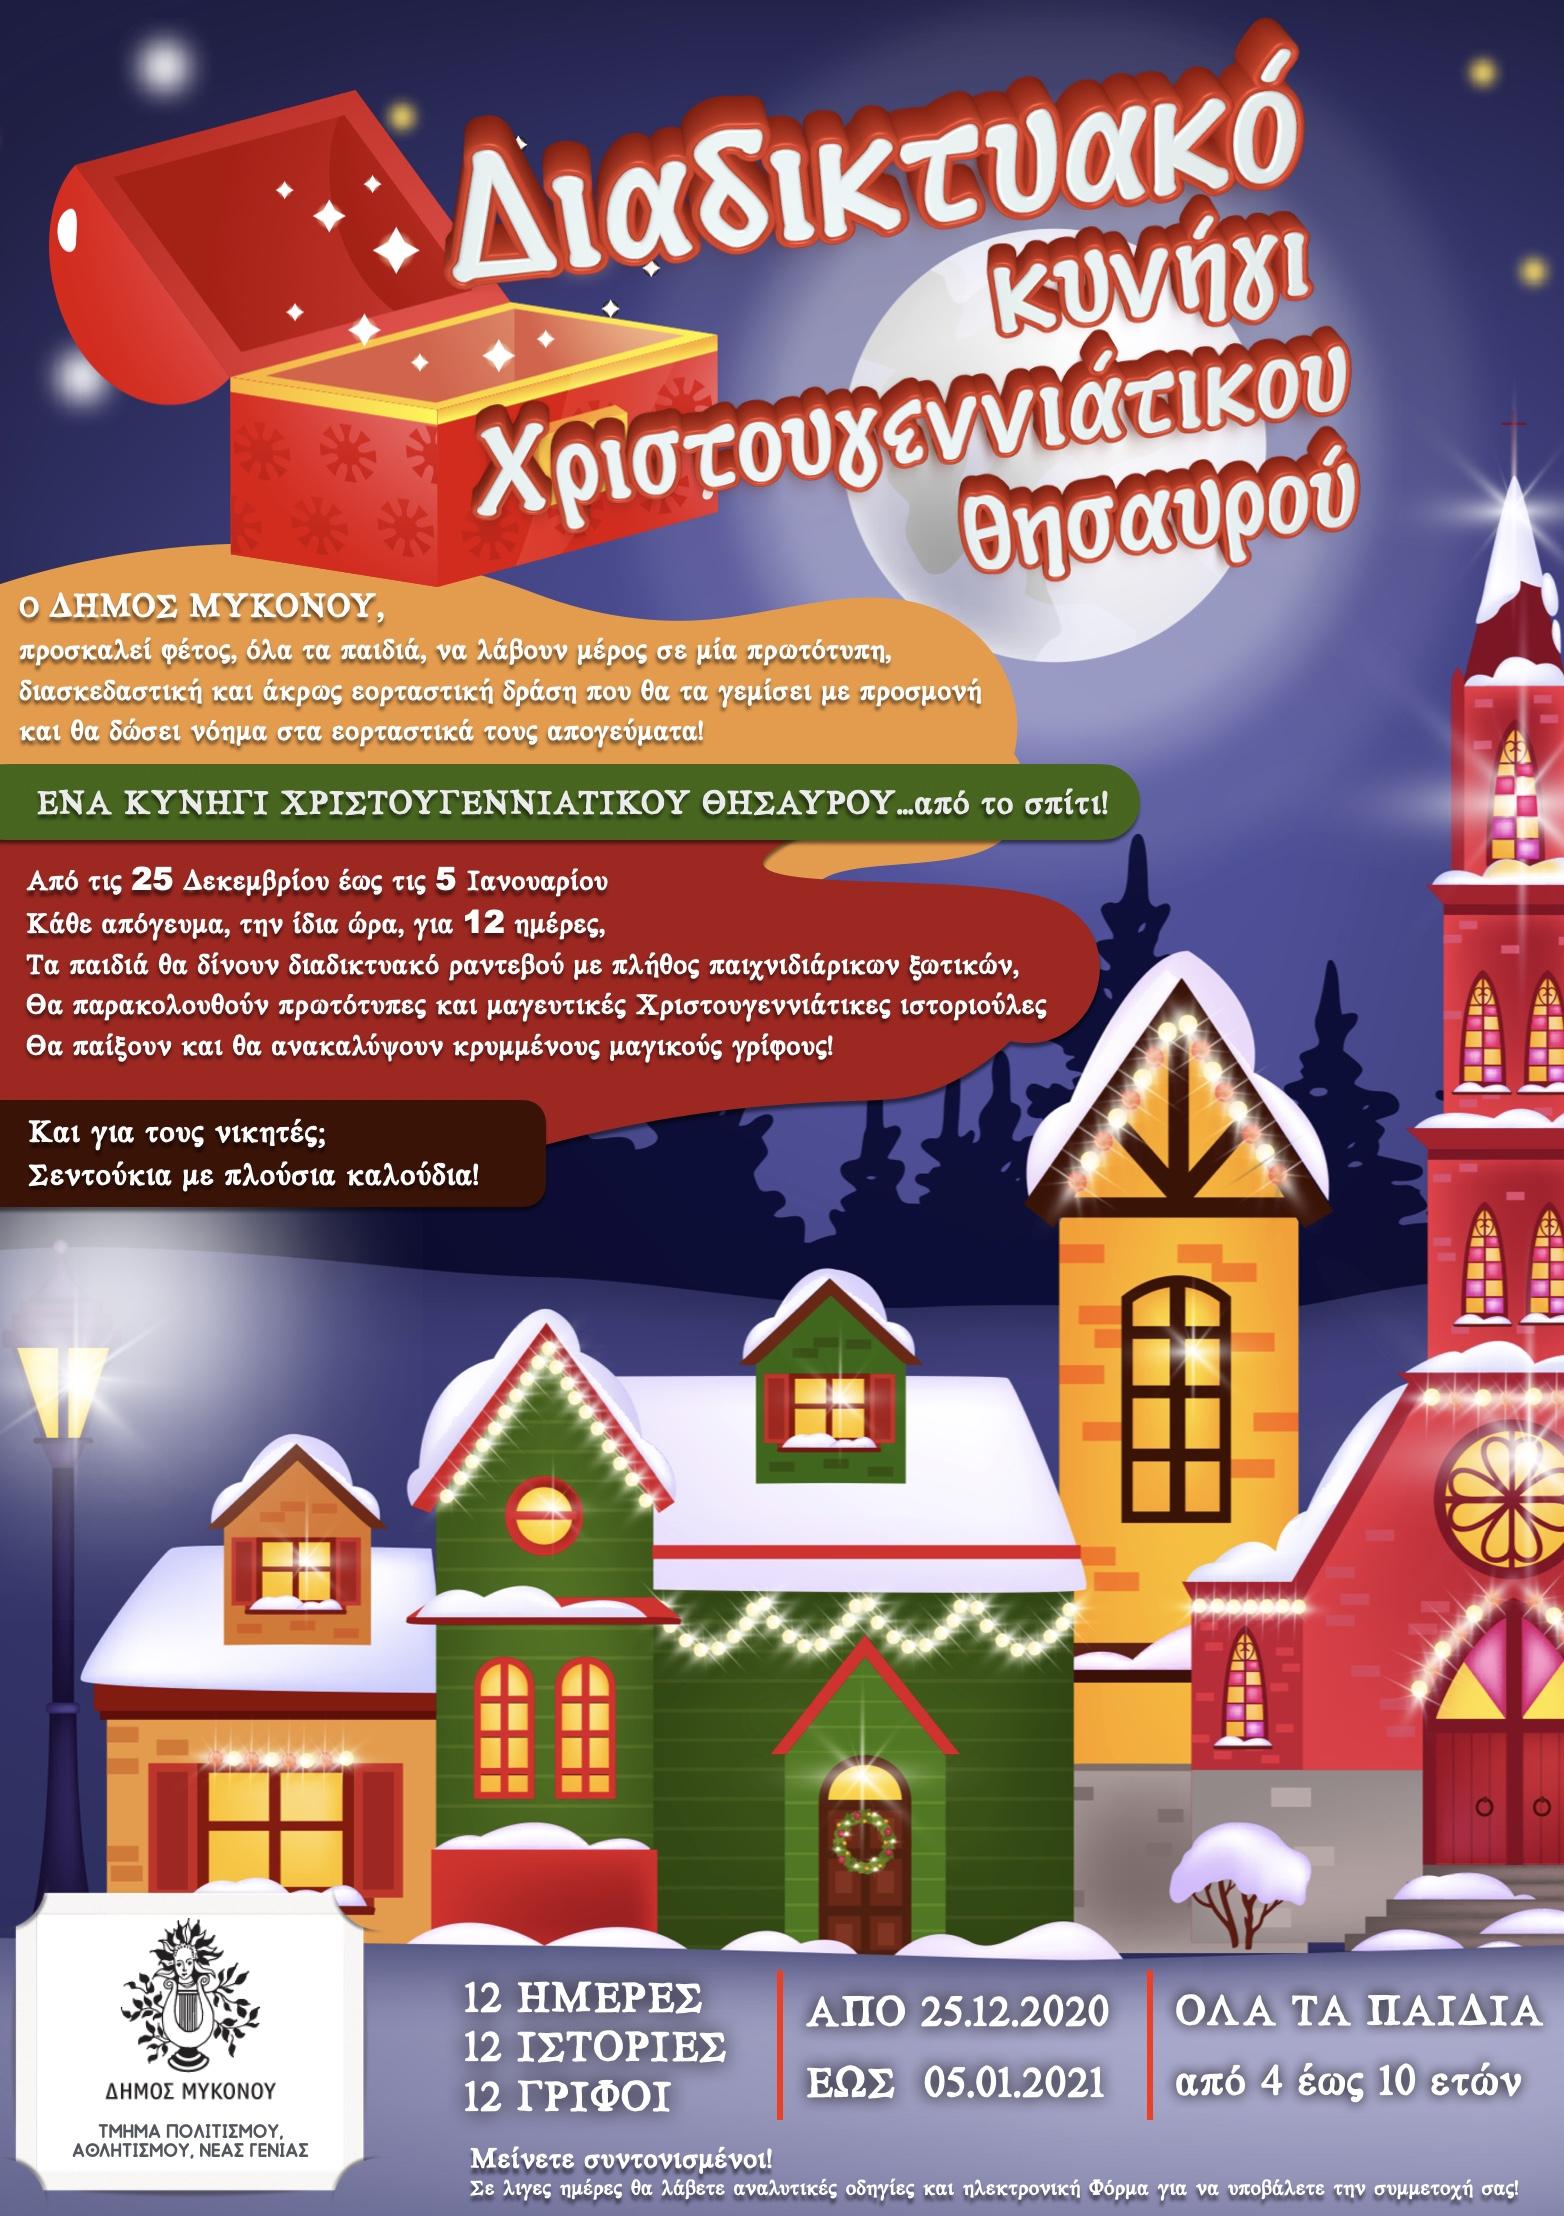 Ο Δήμος Μυκόνου διοργανώνει διαδικτυακό κυνήγι χριστουγεννιάτικου θησαυρού!